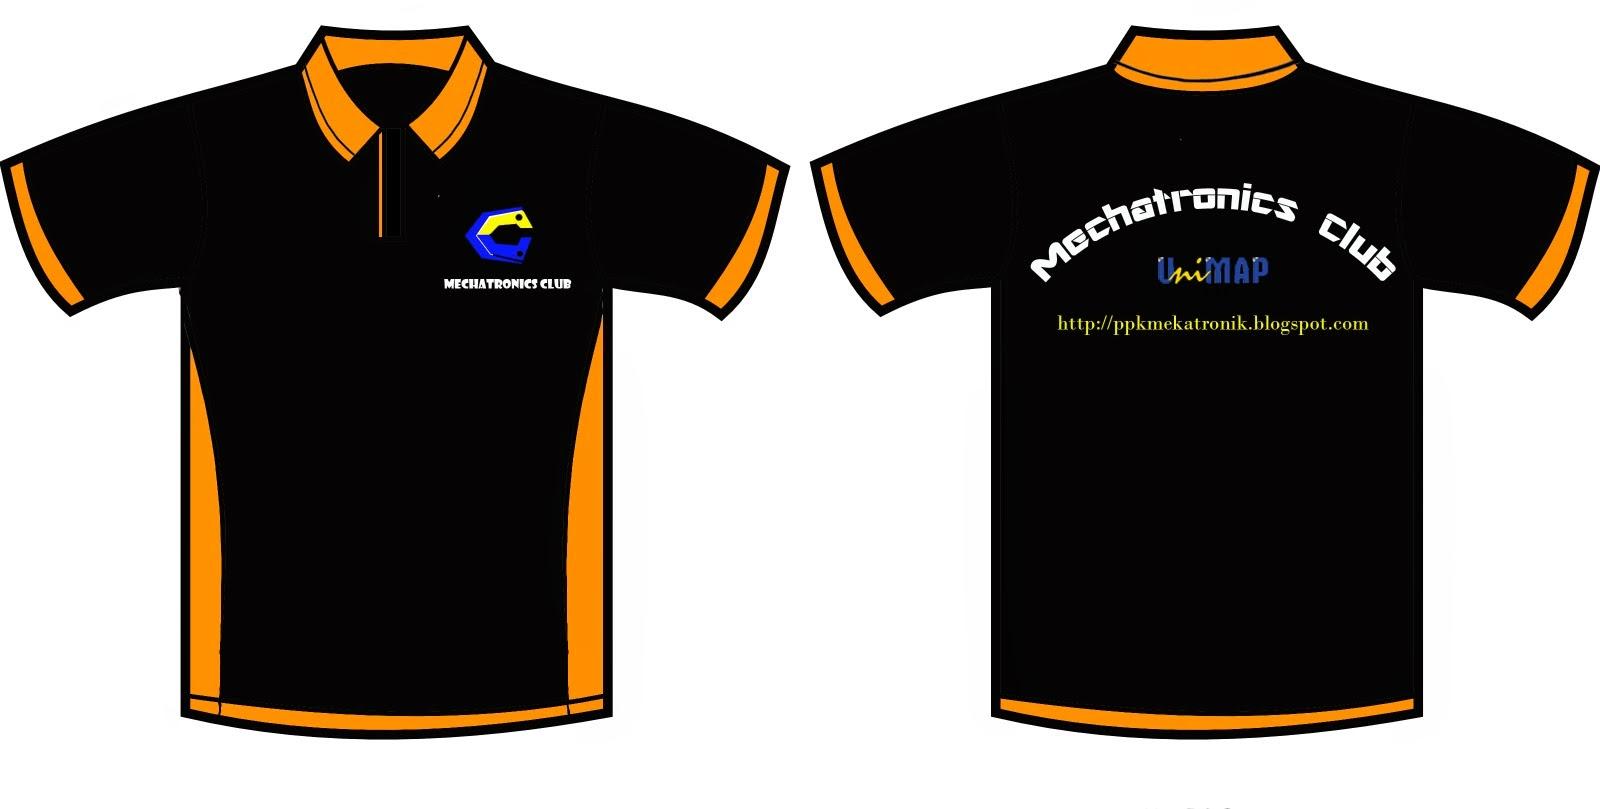 Designs contoh baju t shirt design baju berkolar shirt berkolar - Design T Shirt Keluarga Design T Shirt Keluarga 15